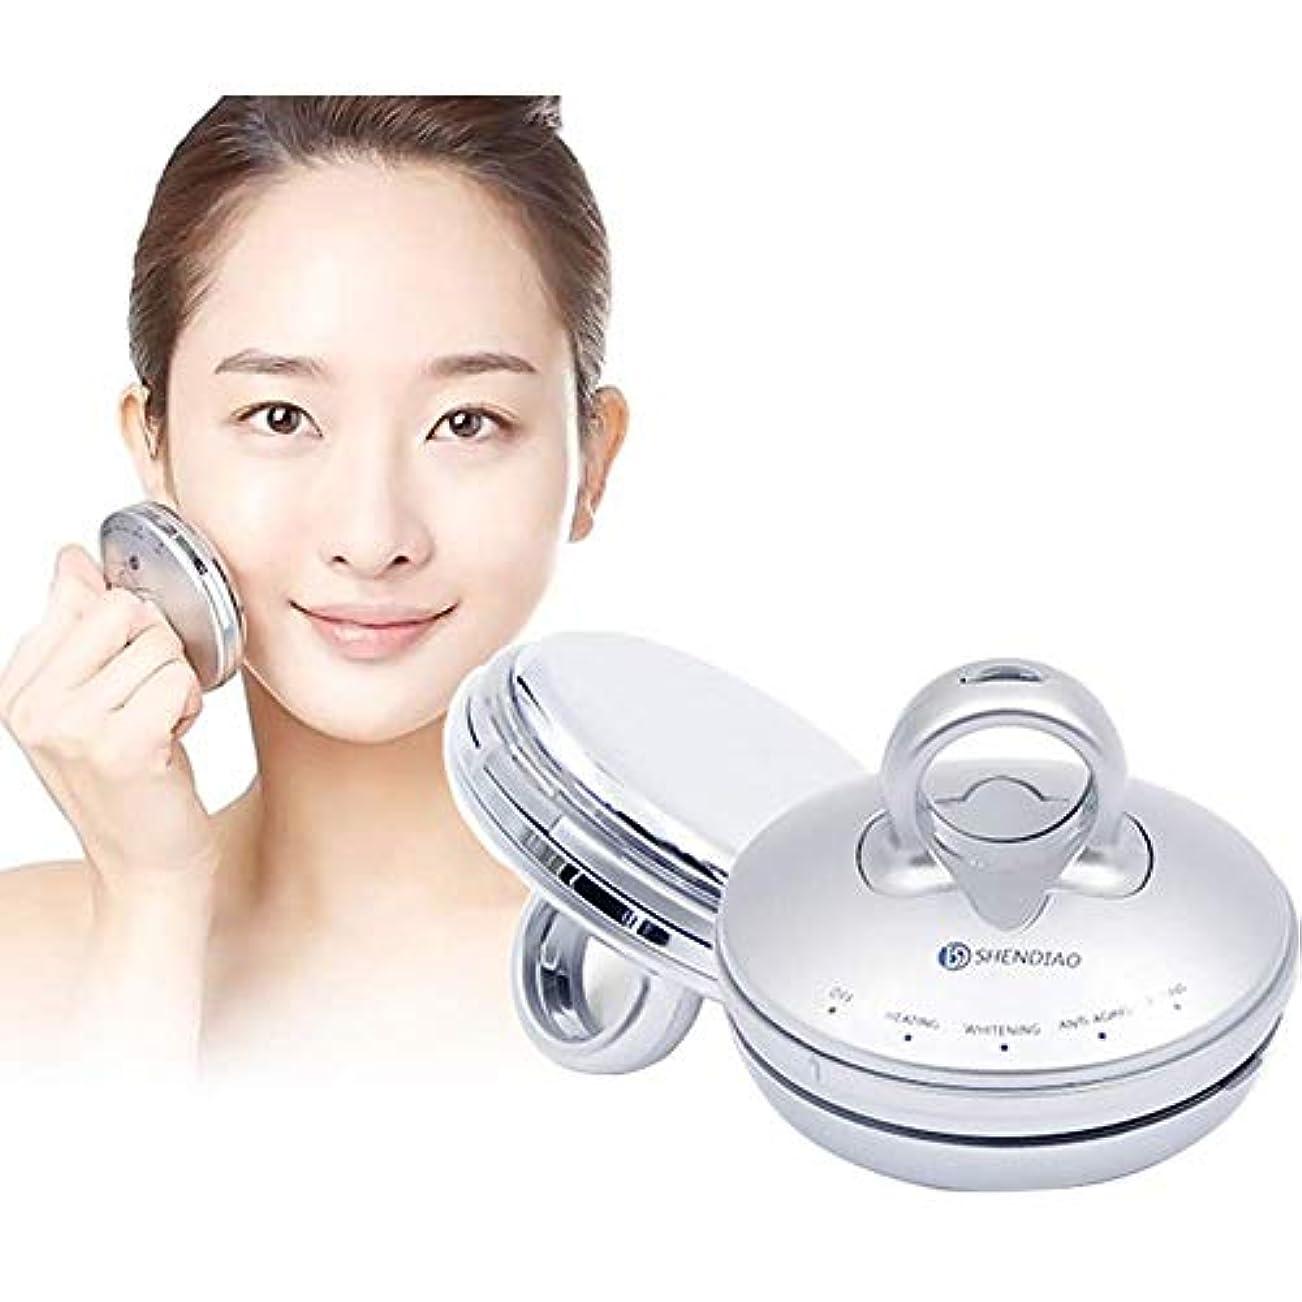 スポット有毒仕出します美のマッサージャー、顔のマッサージャーの振動美装置の顔のしわのスキンケアの上昇の反老化の白くなるマッサージャー